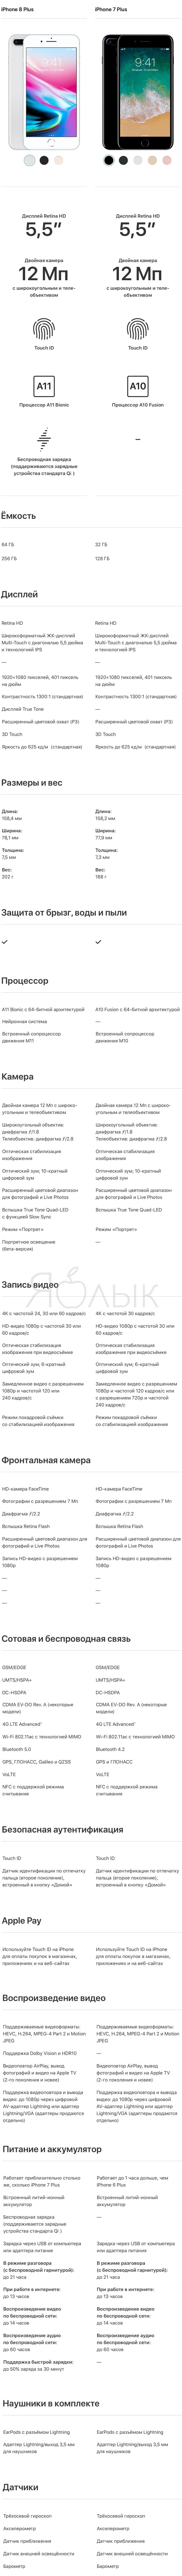 Сравнение технических характеристик iPhone 8 Plus и iPhone 7 Plus